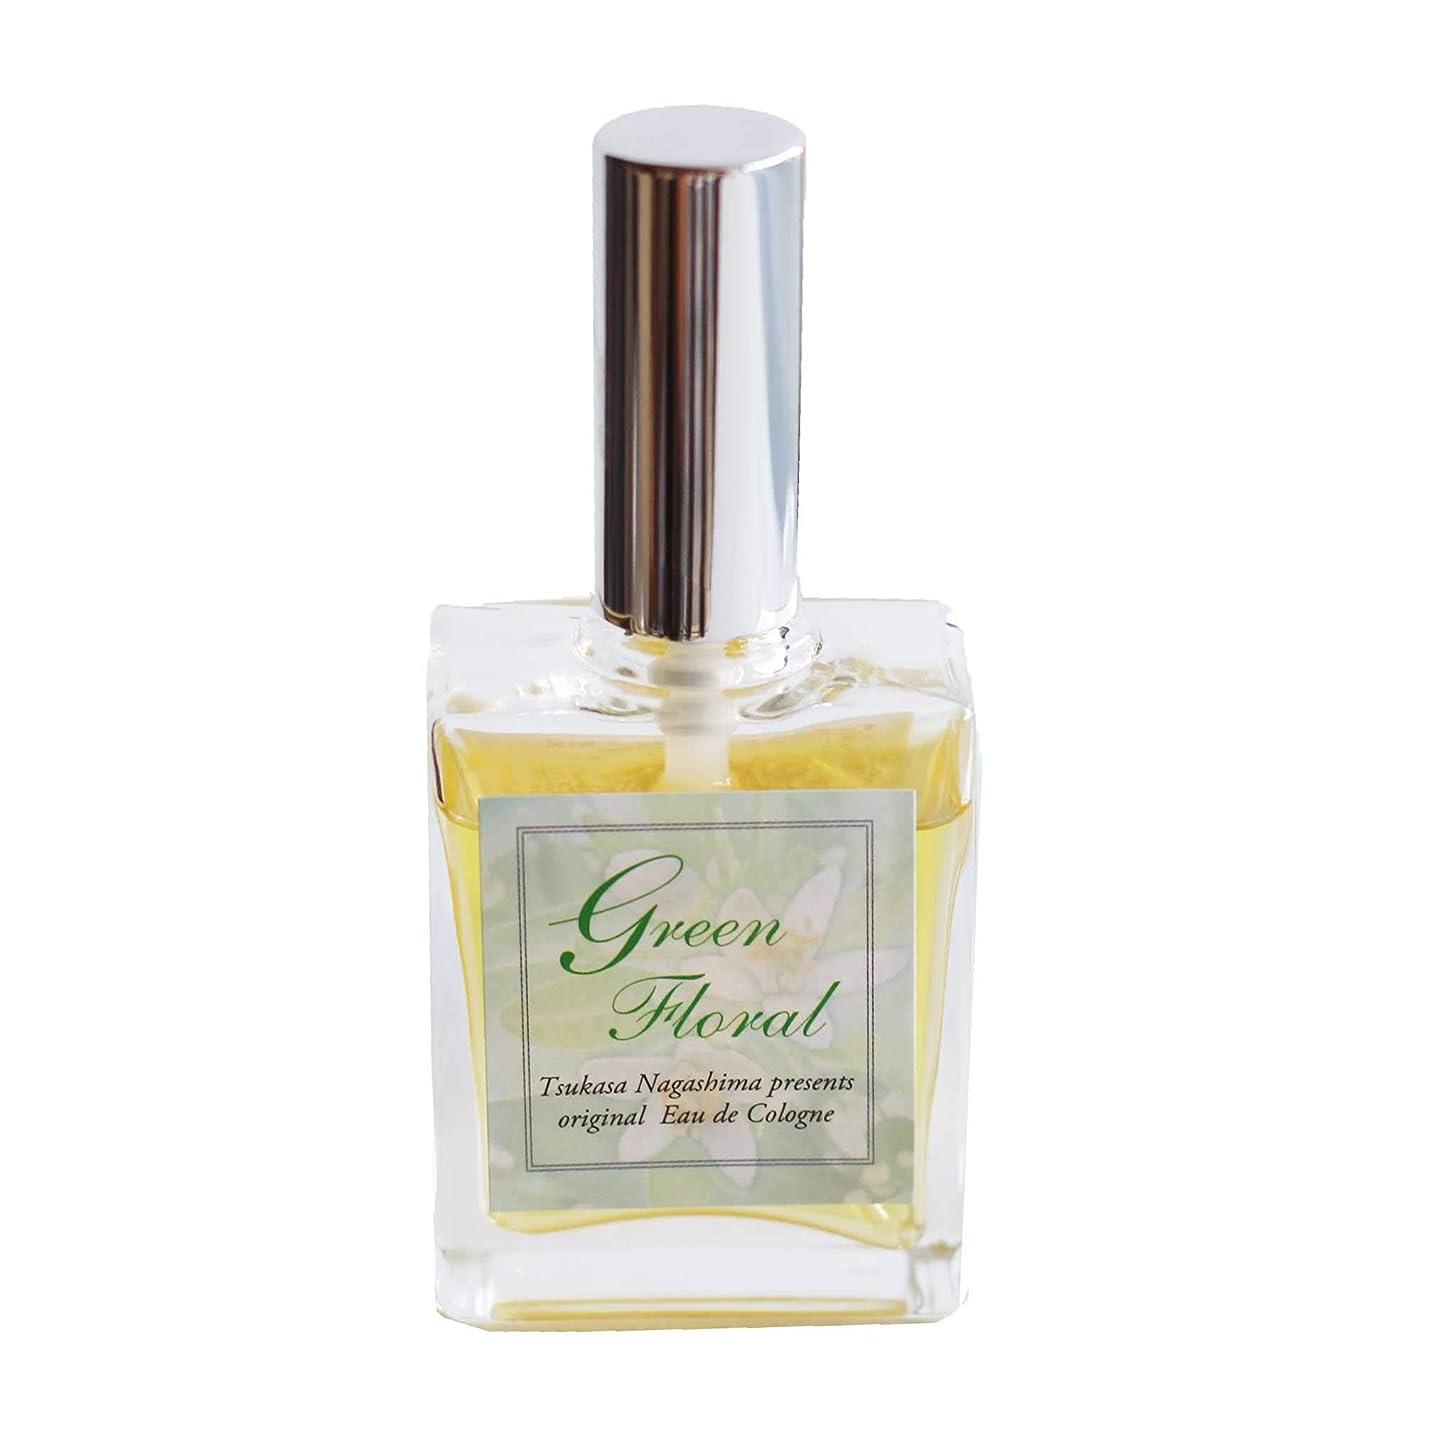 ピアニストメガロポリス存在天然精油のみ使用/Green Floral オーデコロン/ 15ml/ ハニーサックル、ガルバナム、ネロリ